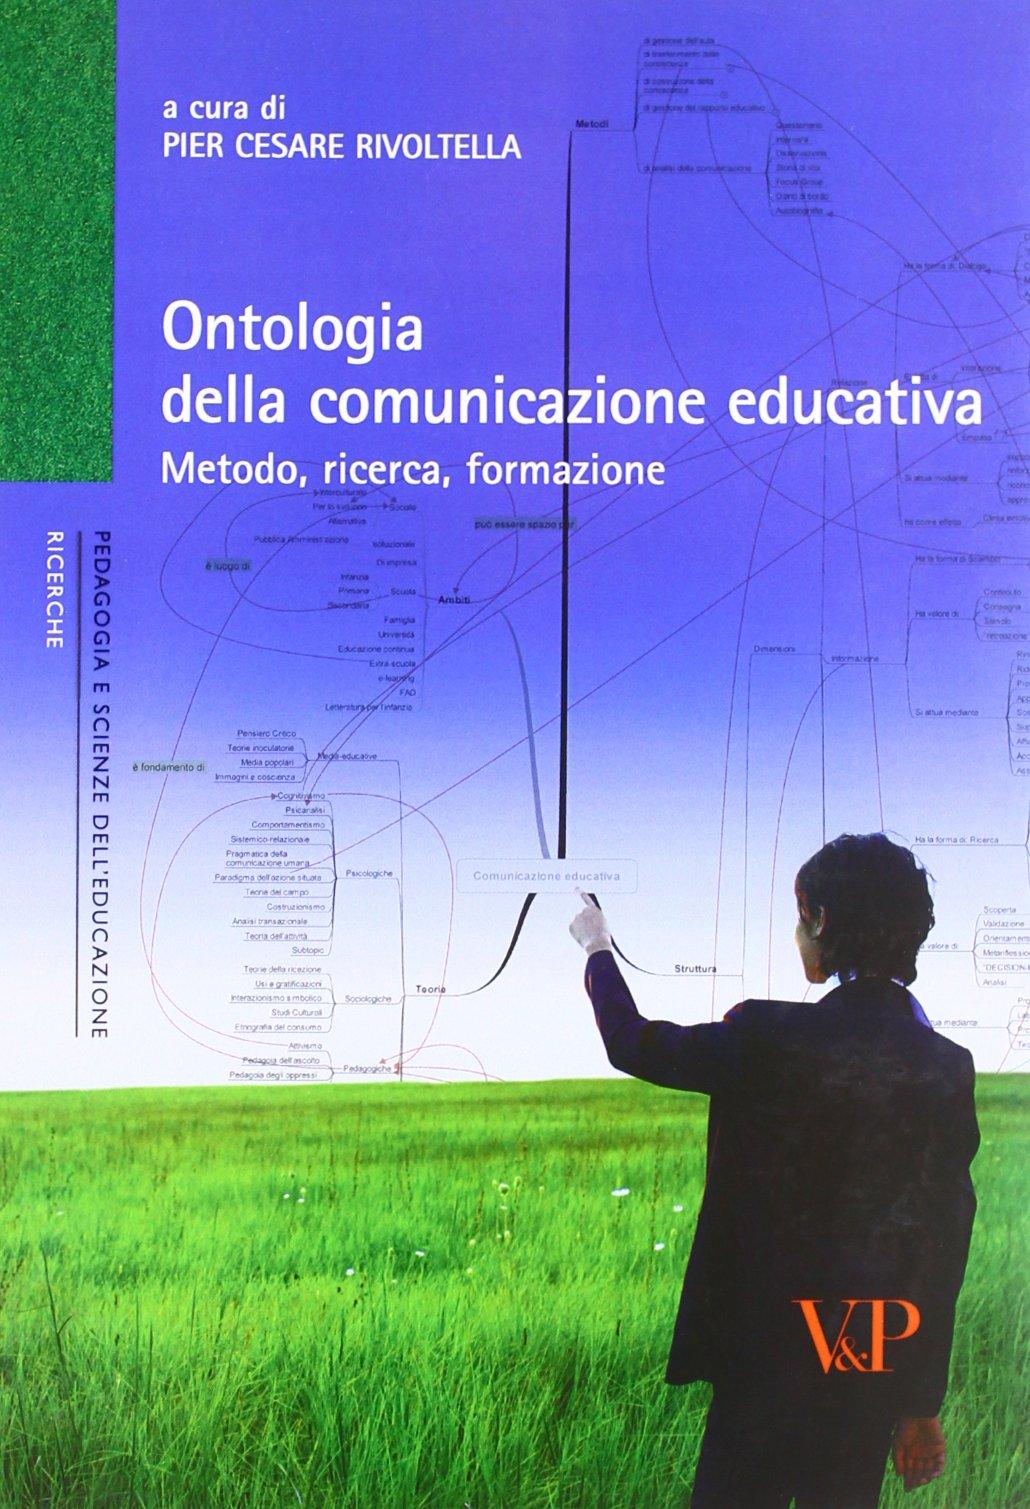 Ontologia della comunicazione educativa. Metodo, ricerca, formazione